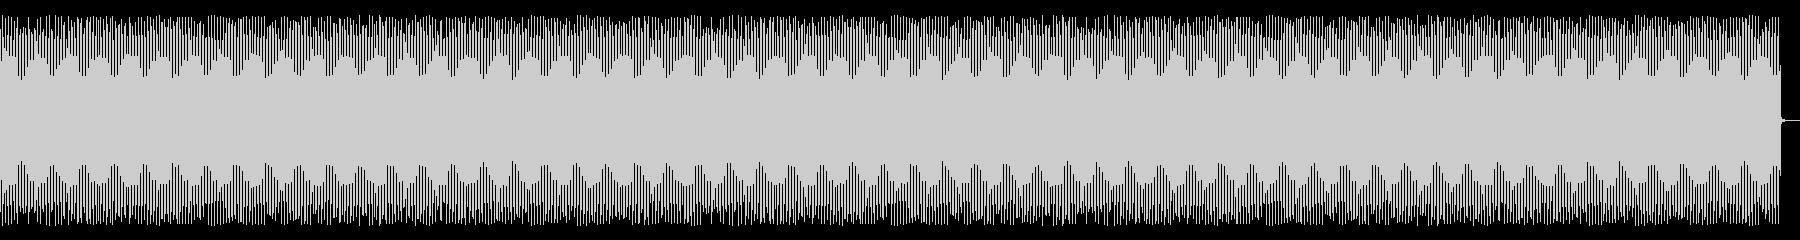 ヘビーグラウンドハム、ロングの未再生の波形